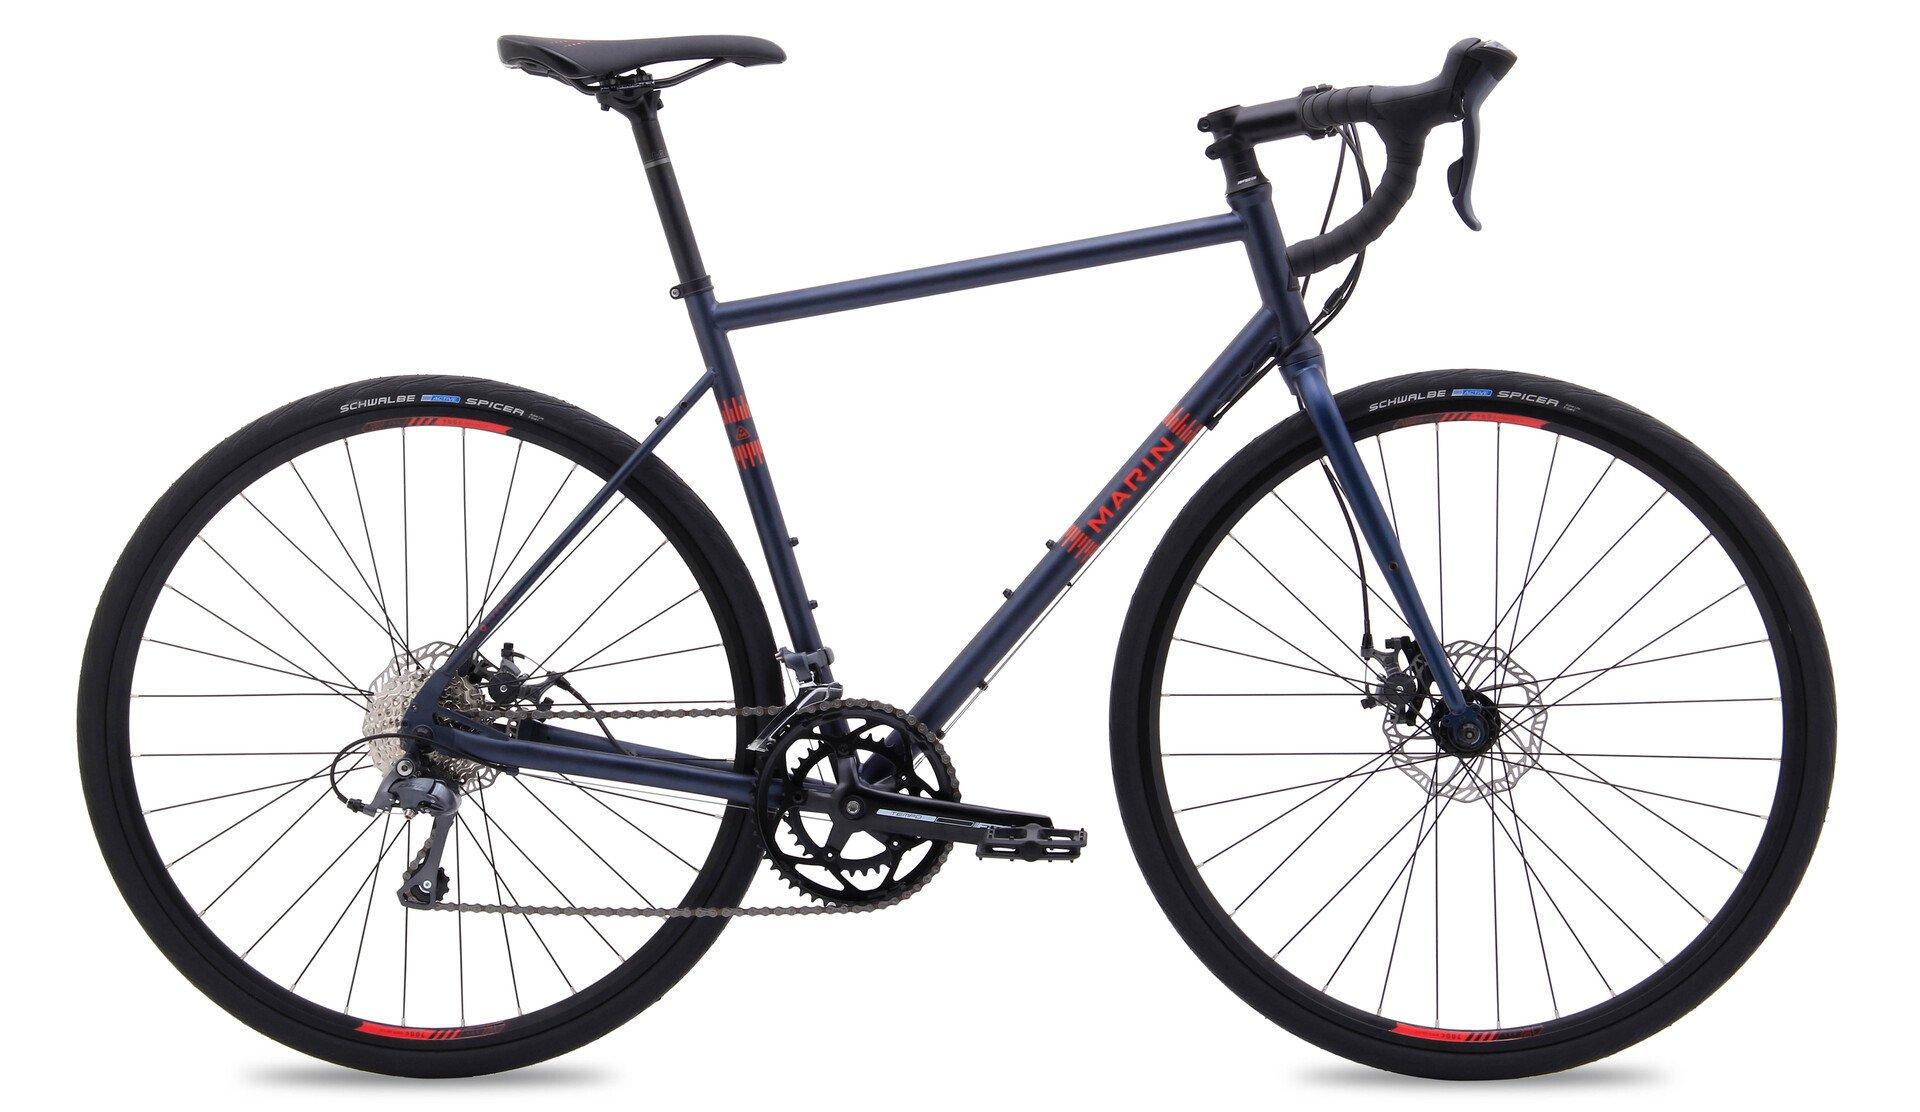 bd9ab7eafa4 Велосипед MARIN Nicasio Q 700C 2017 купить по выгодной цене ...